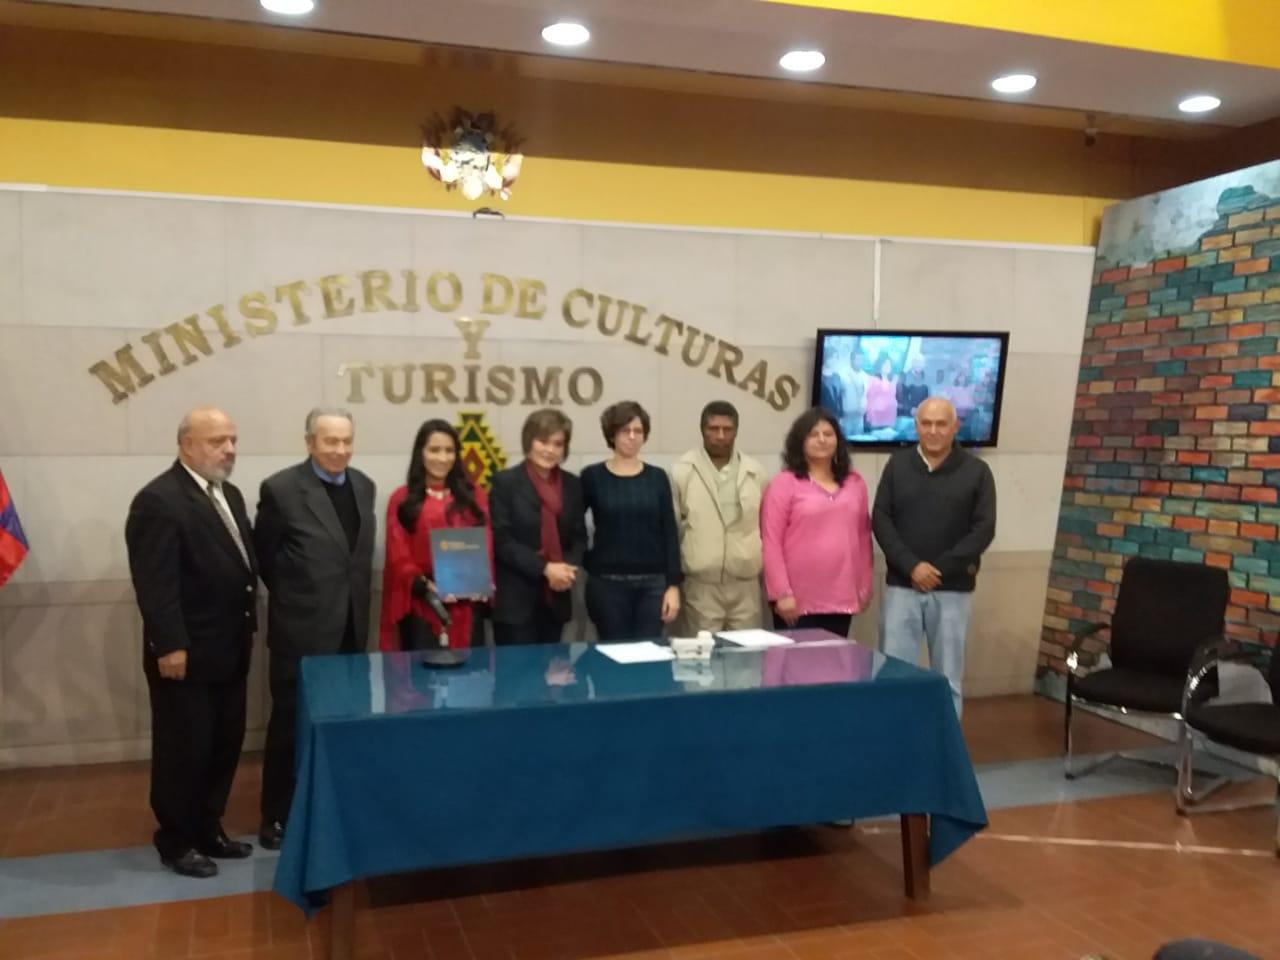 Ernesto Cavour Aramayo y Rubens Barbery Knaudt ganan el Premio Nacional de Cultura y de Gestión Cultural